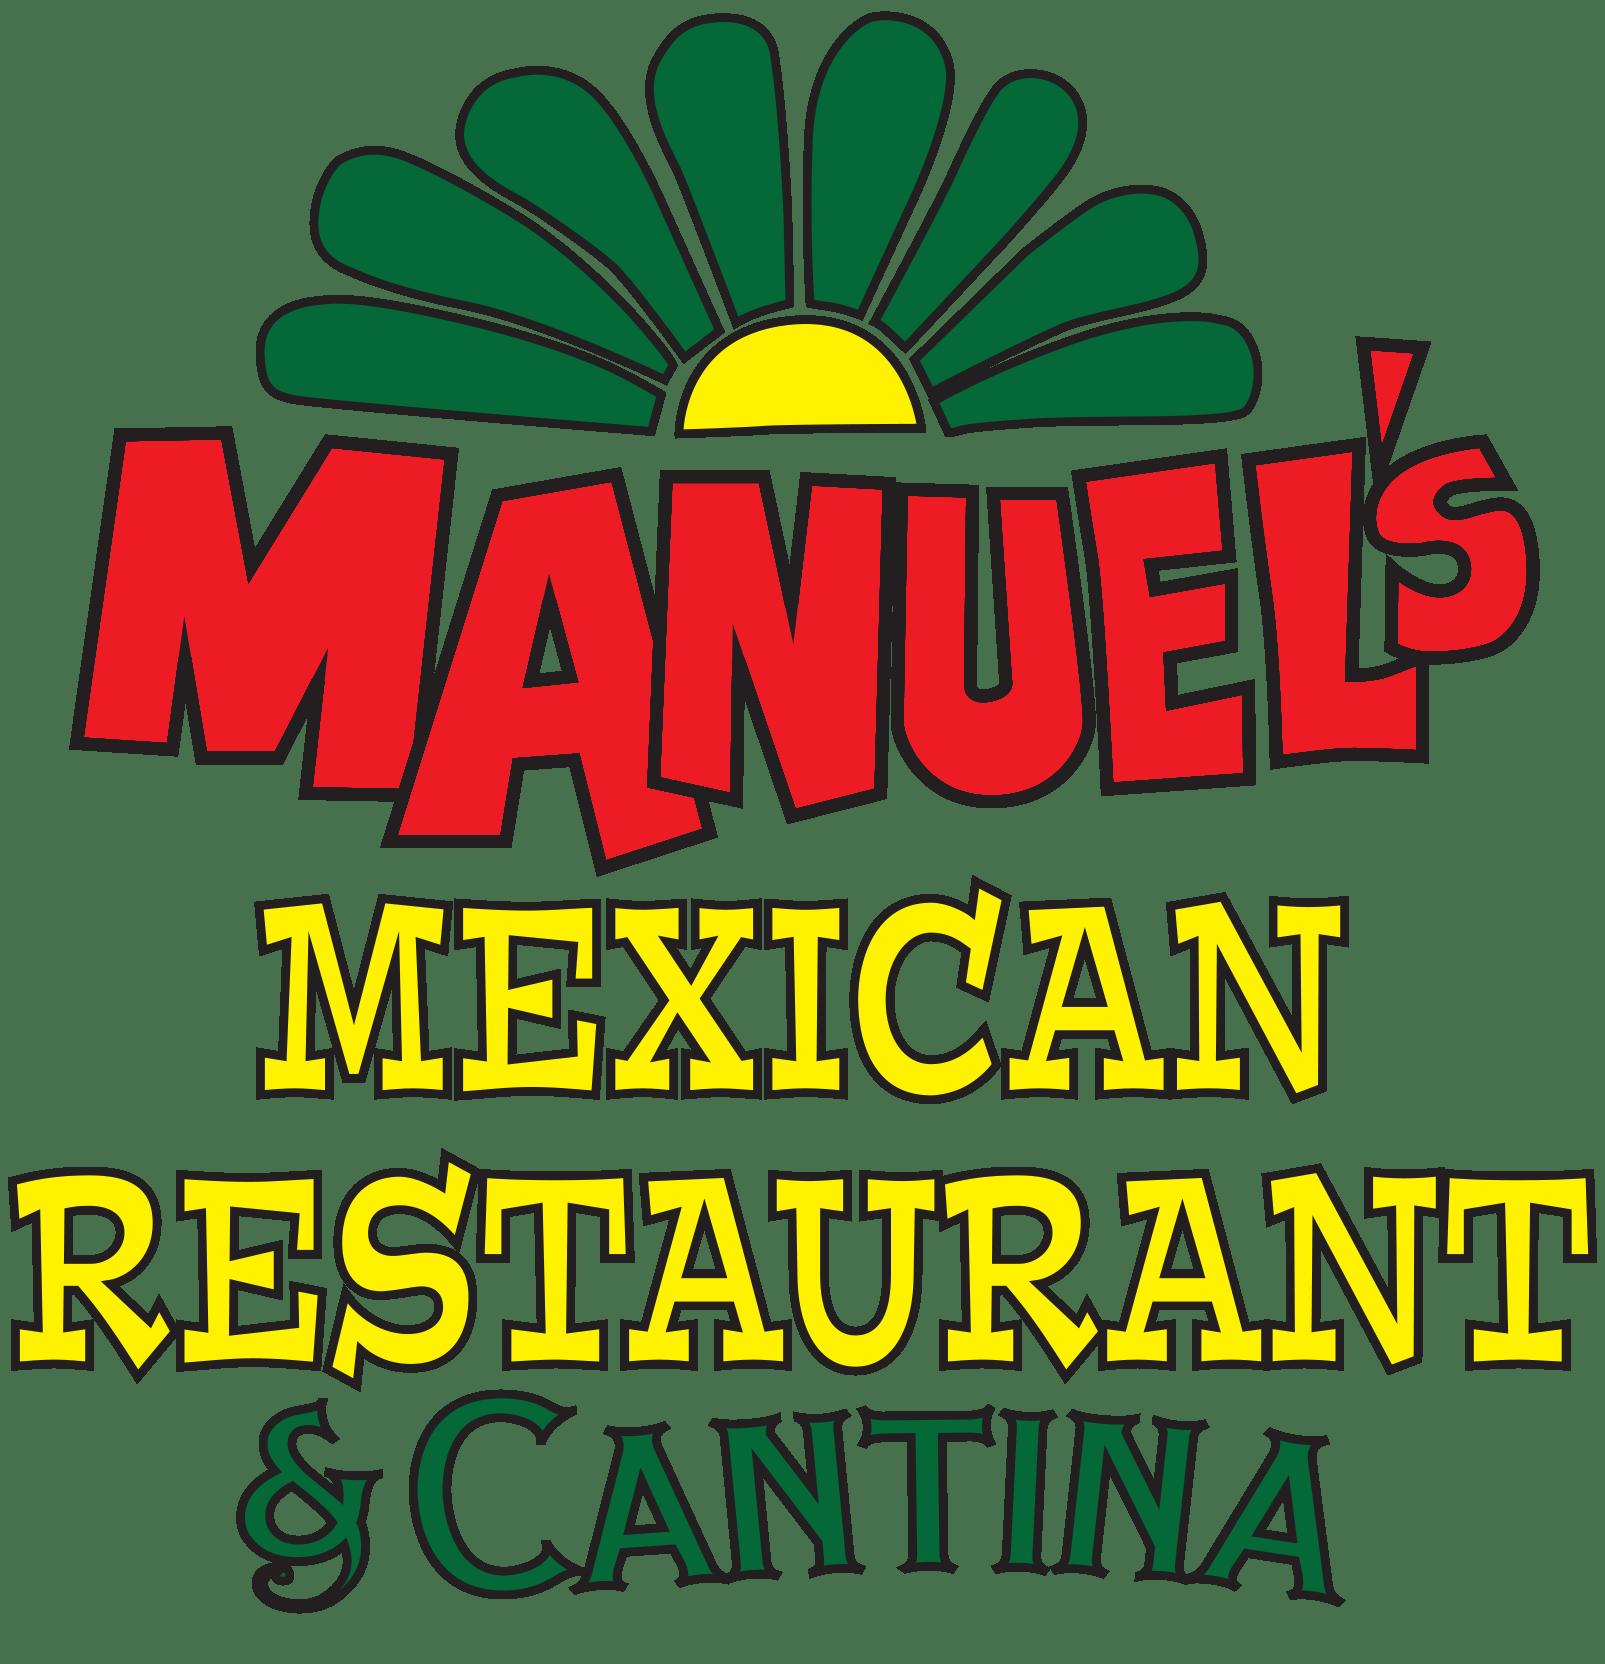 Manuel's Mexican Restaurants